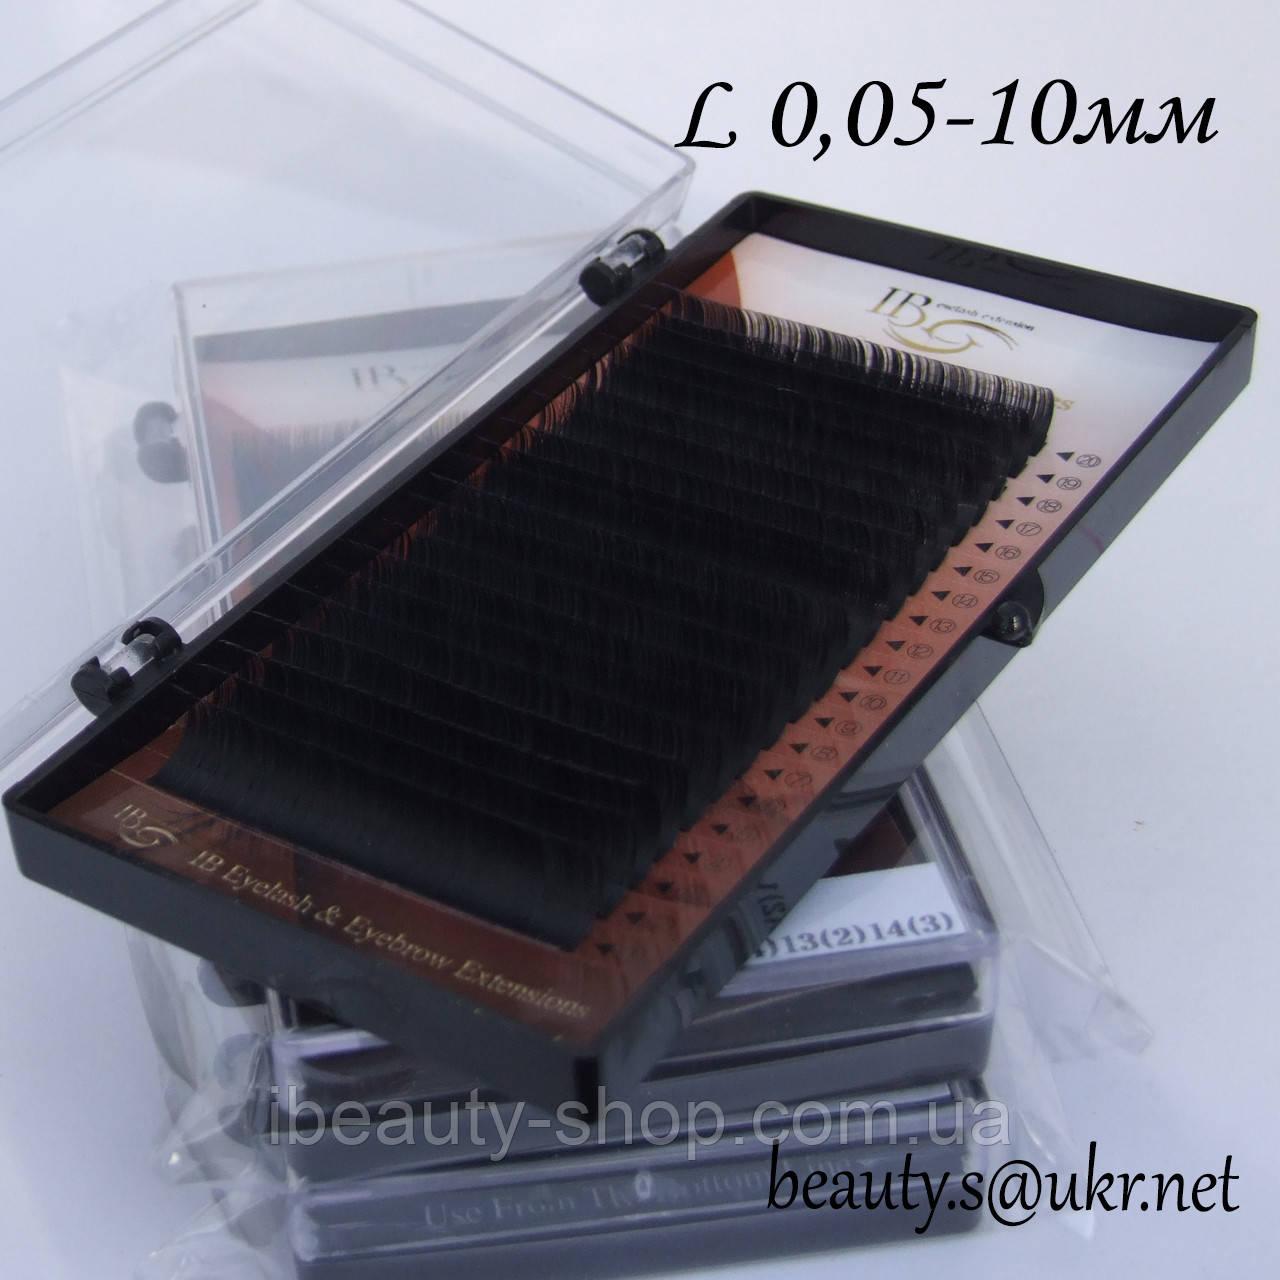 Ресницы  I-Beauty на ленте L-0,05 10мм